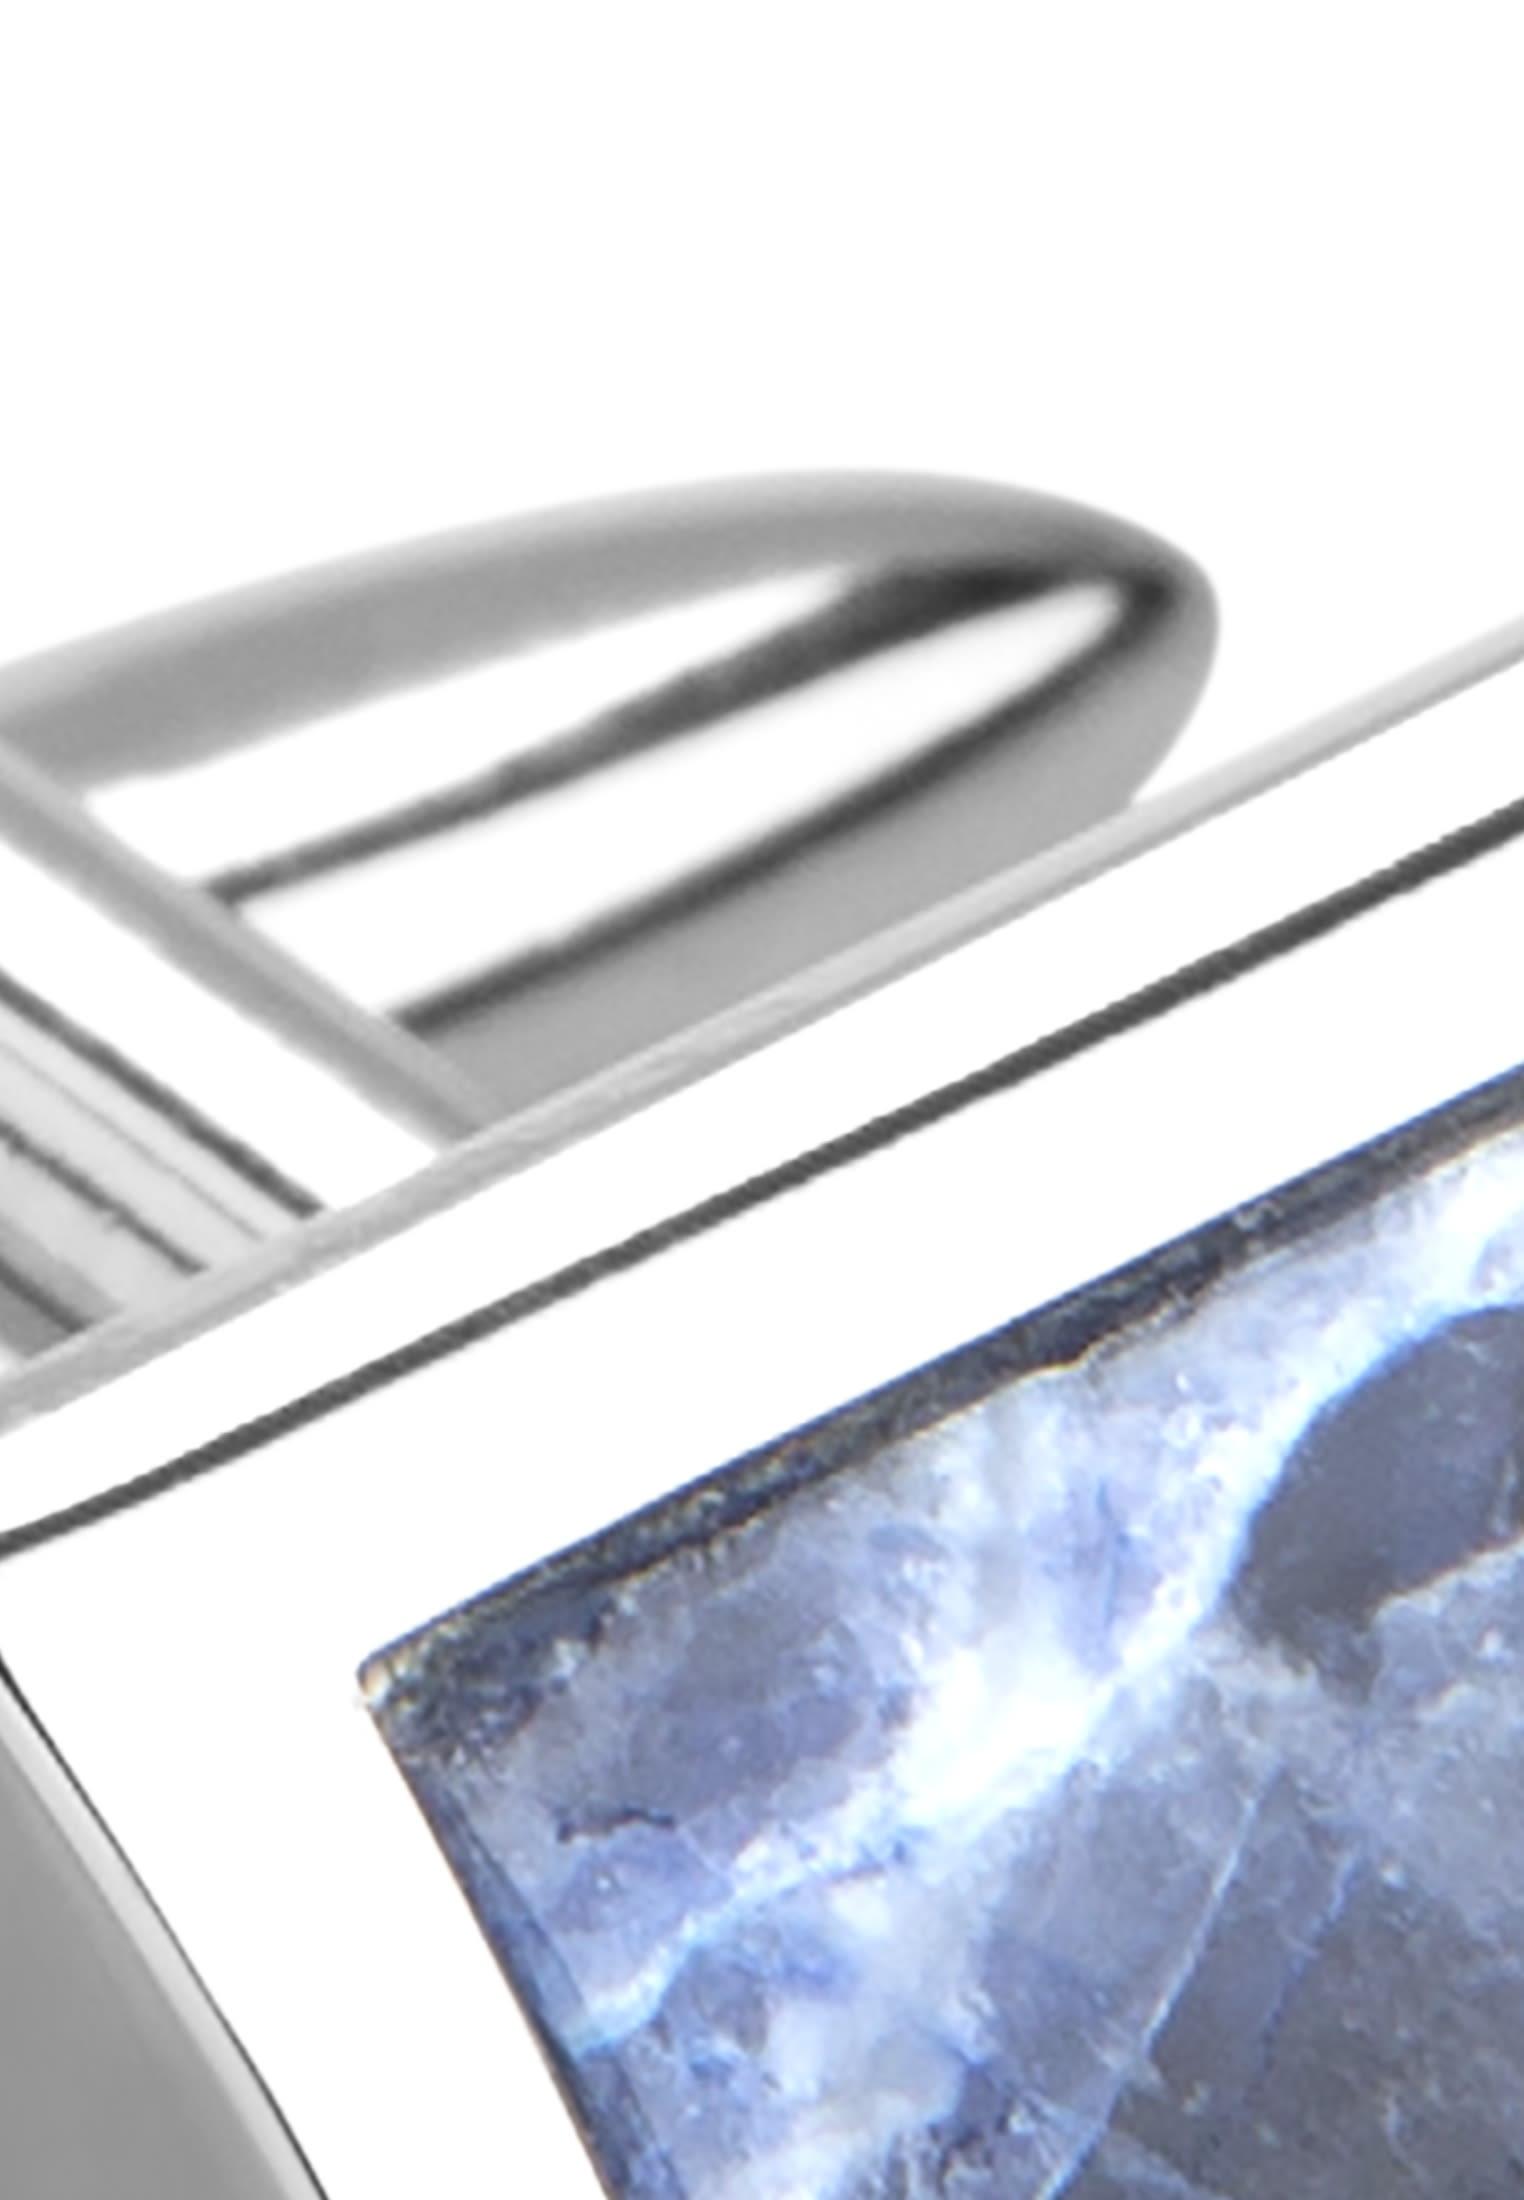 Manschettenknöpfe in Grau |  Jacques Britt Onlineshop